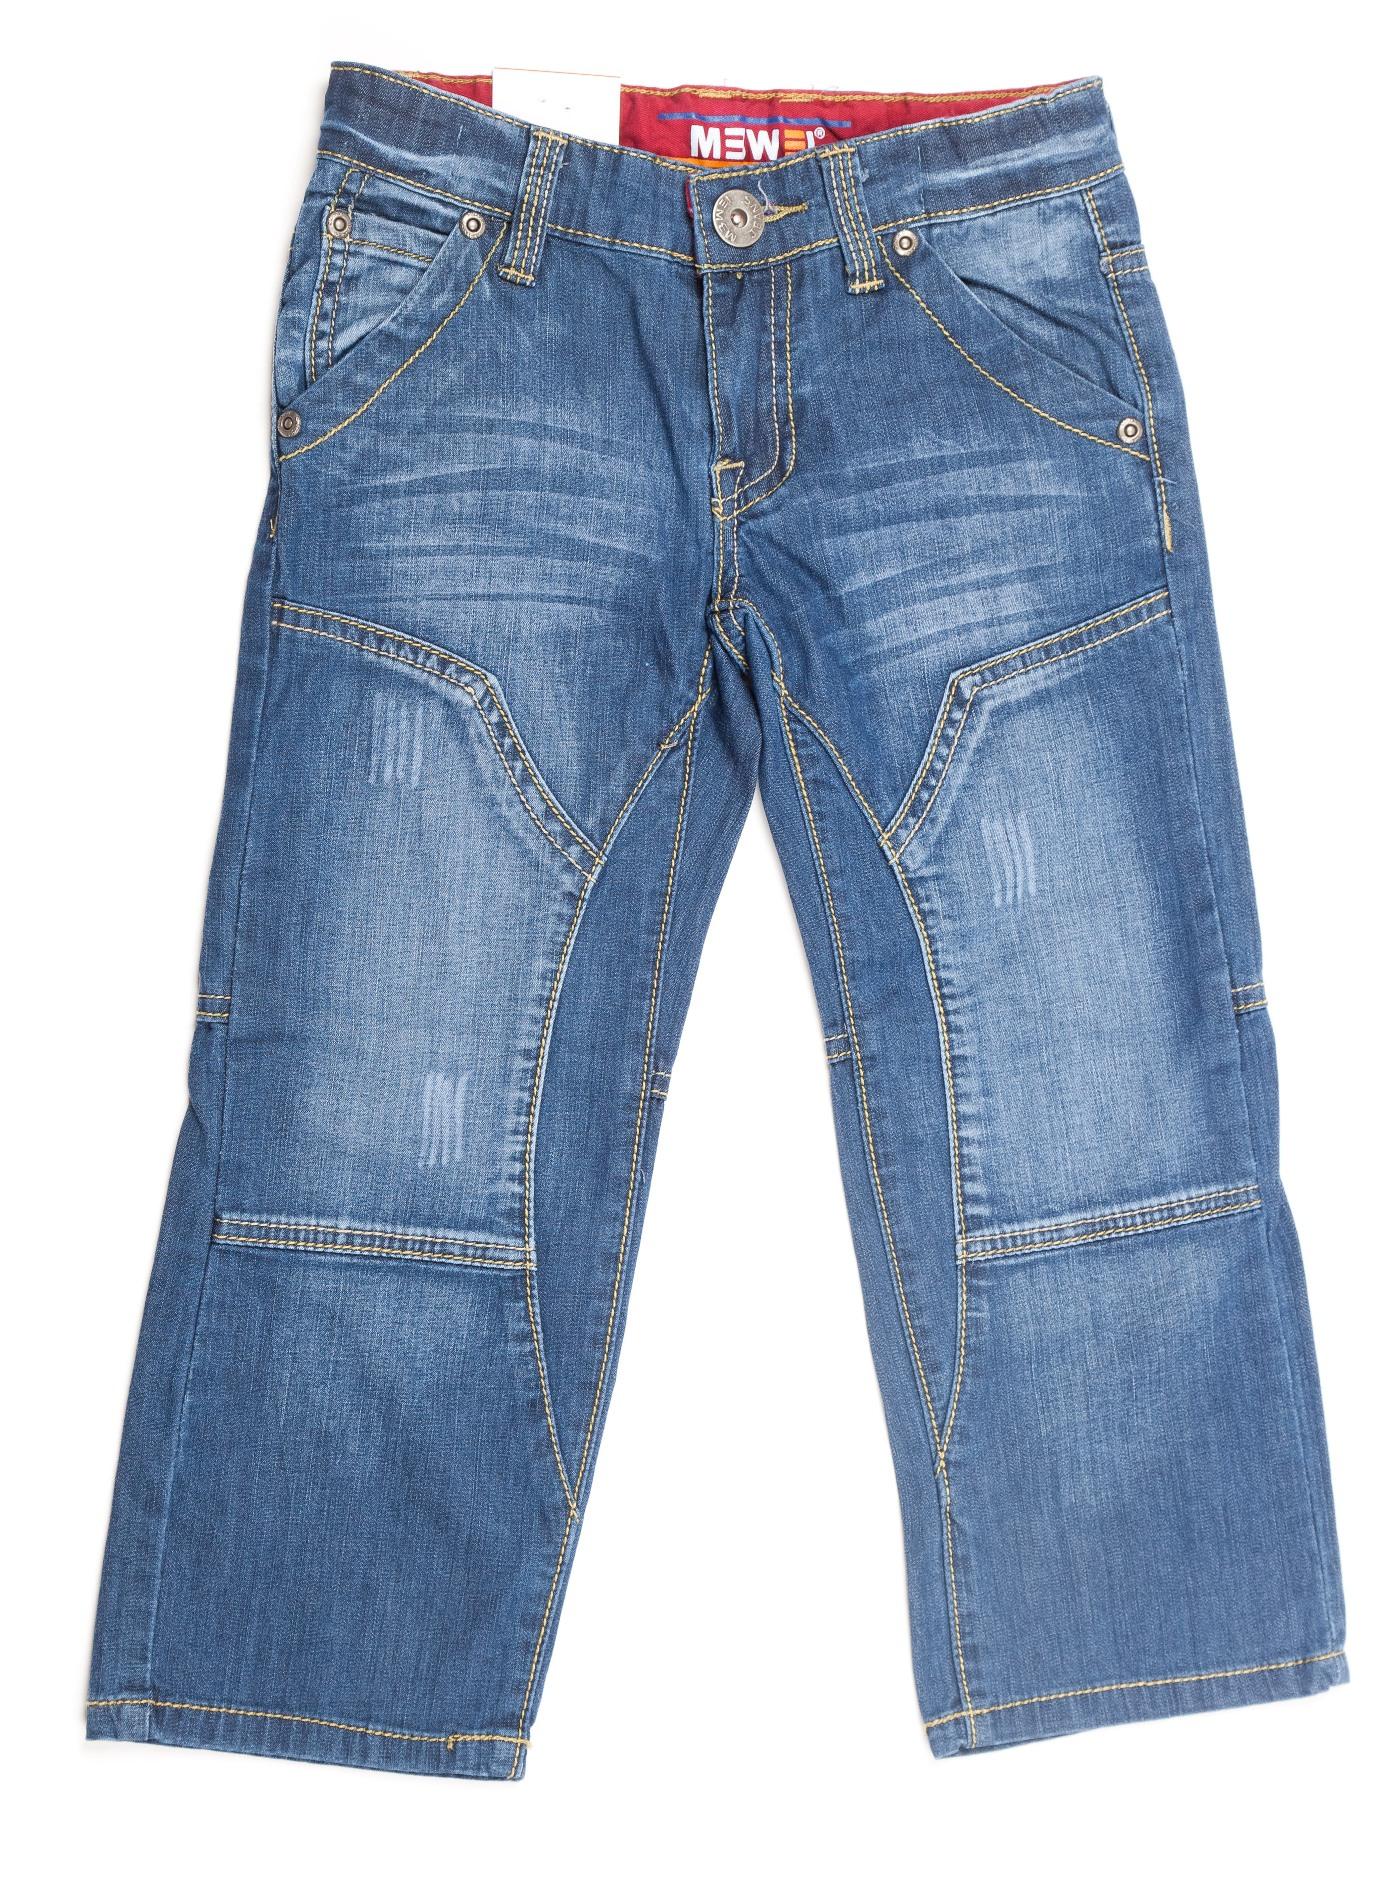 Как сшить джинсы для мальчика из старых джинсов